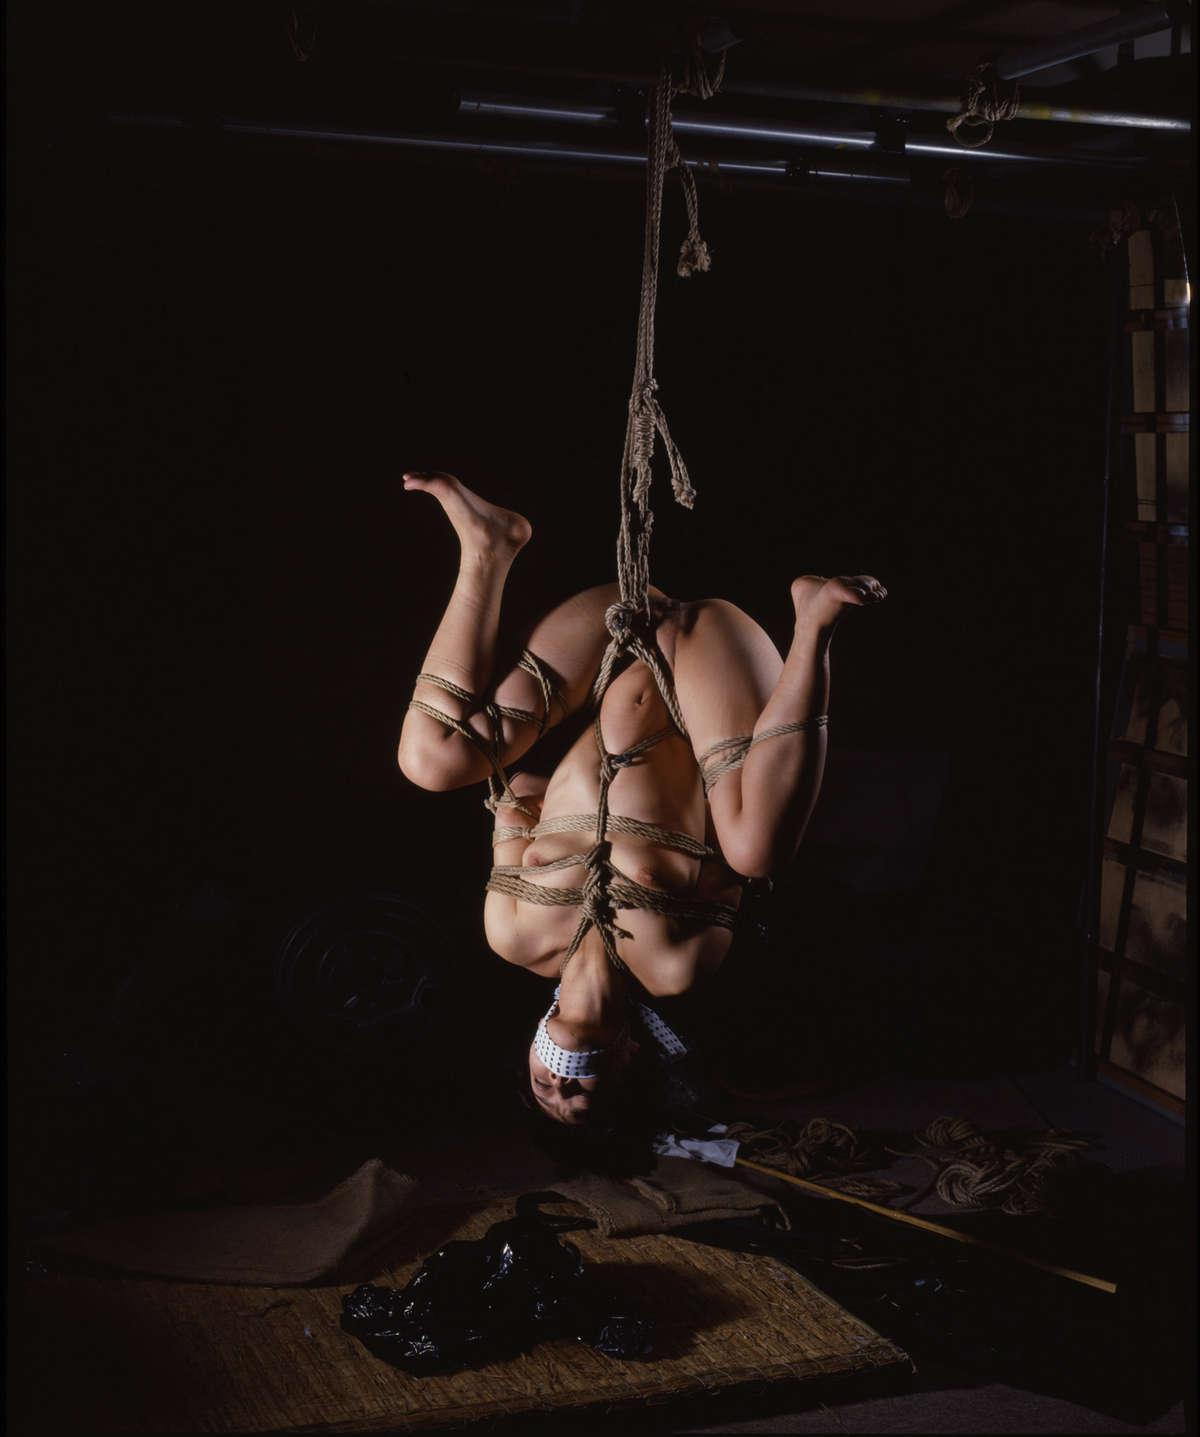 女を縄で縛って逆さ吊り調教したSMエロ画像 2726